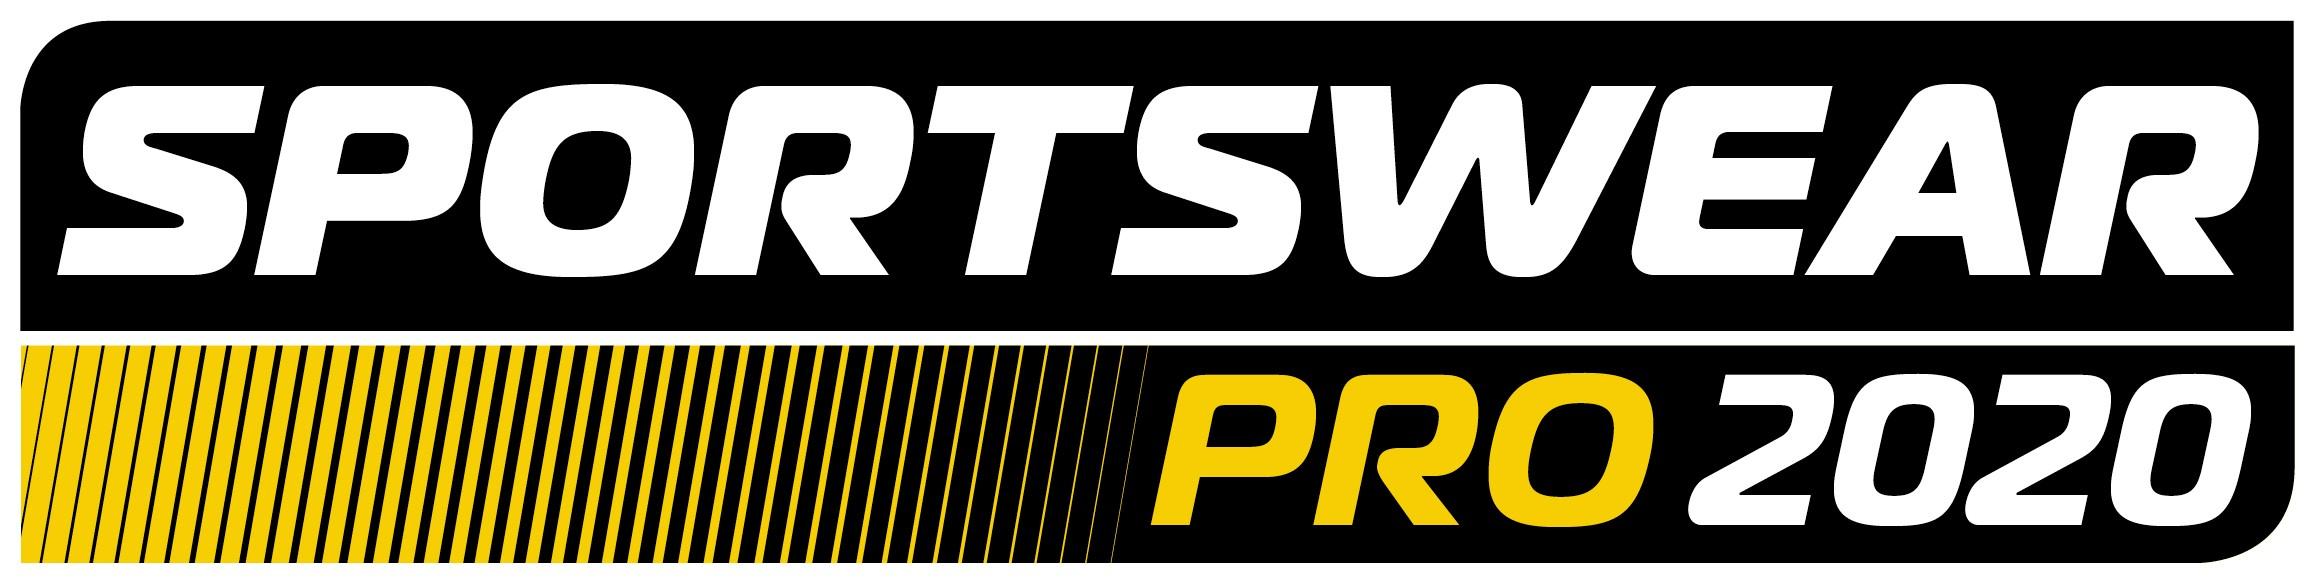 Sportswear_Pro_Logo.jpg